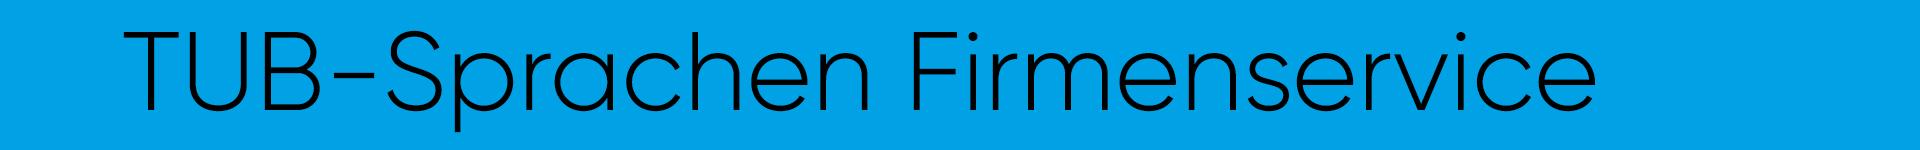 TUB-Sprachen Firmenservice